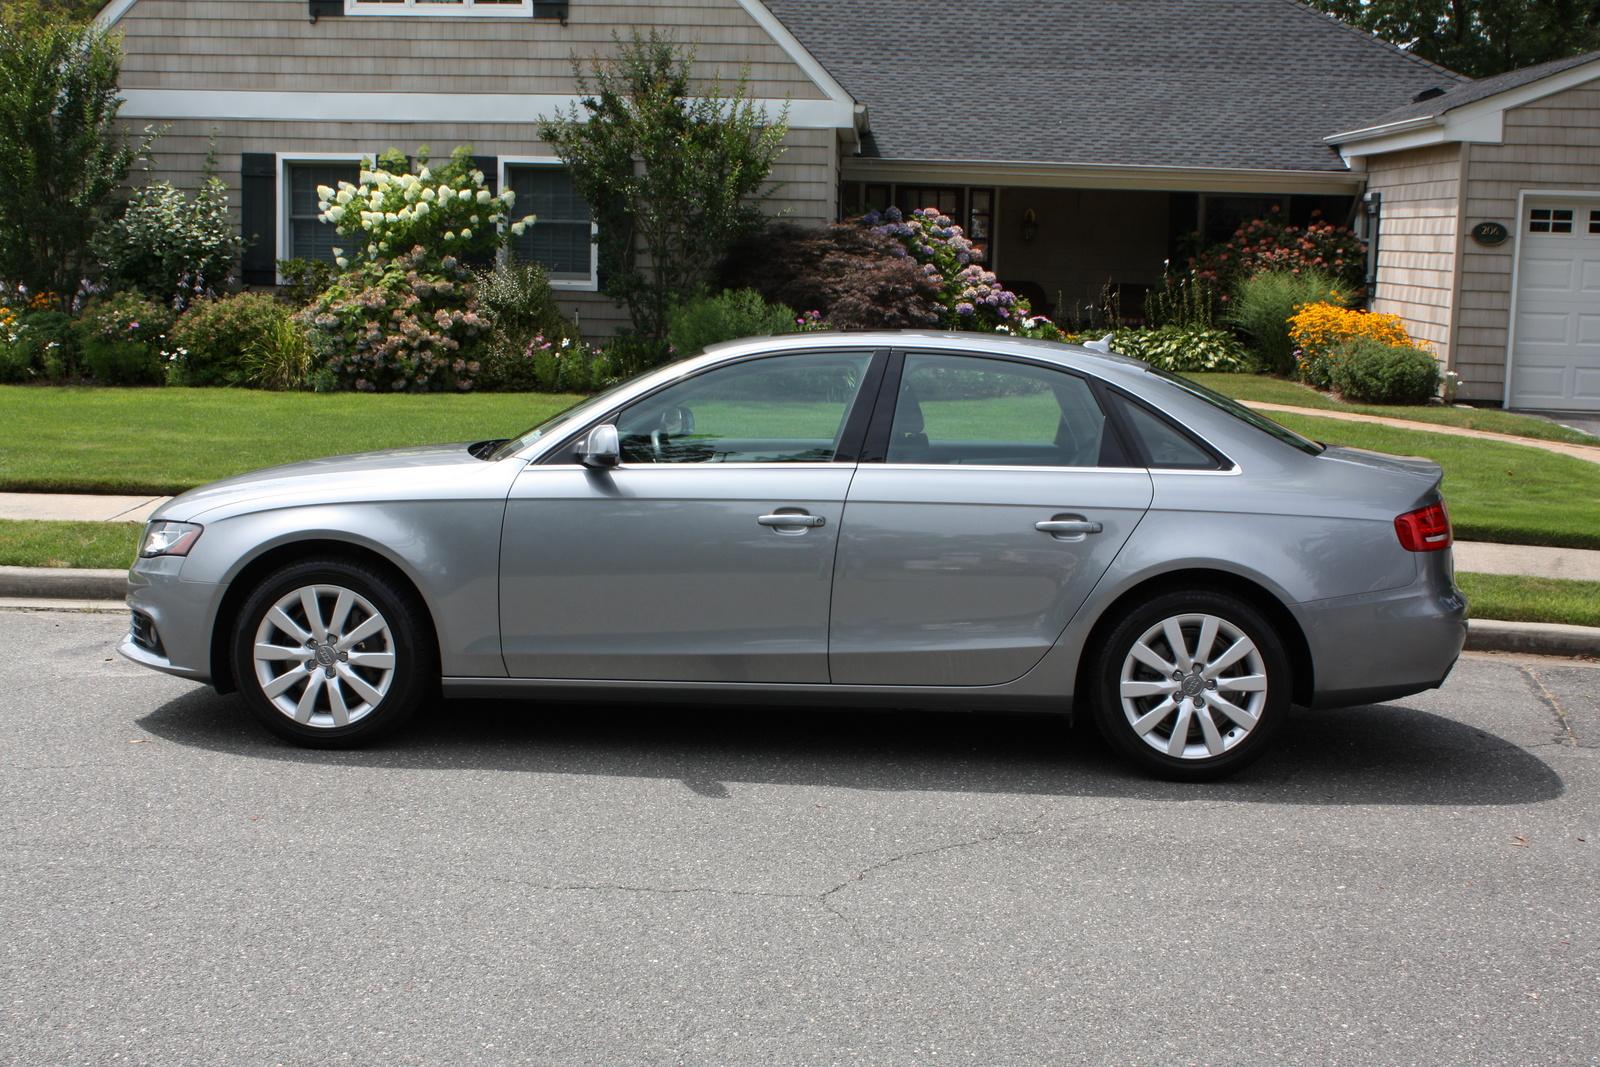 2011 Audi A4 - Exterior Pictures - CarGurus